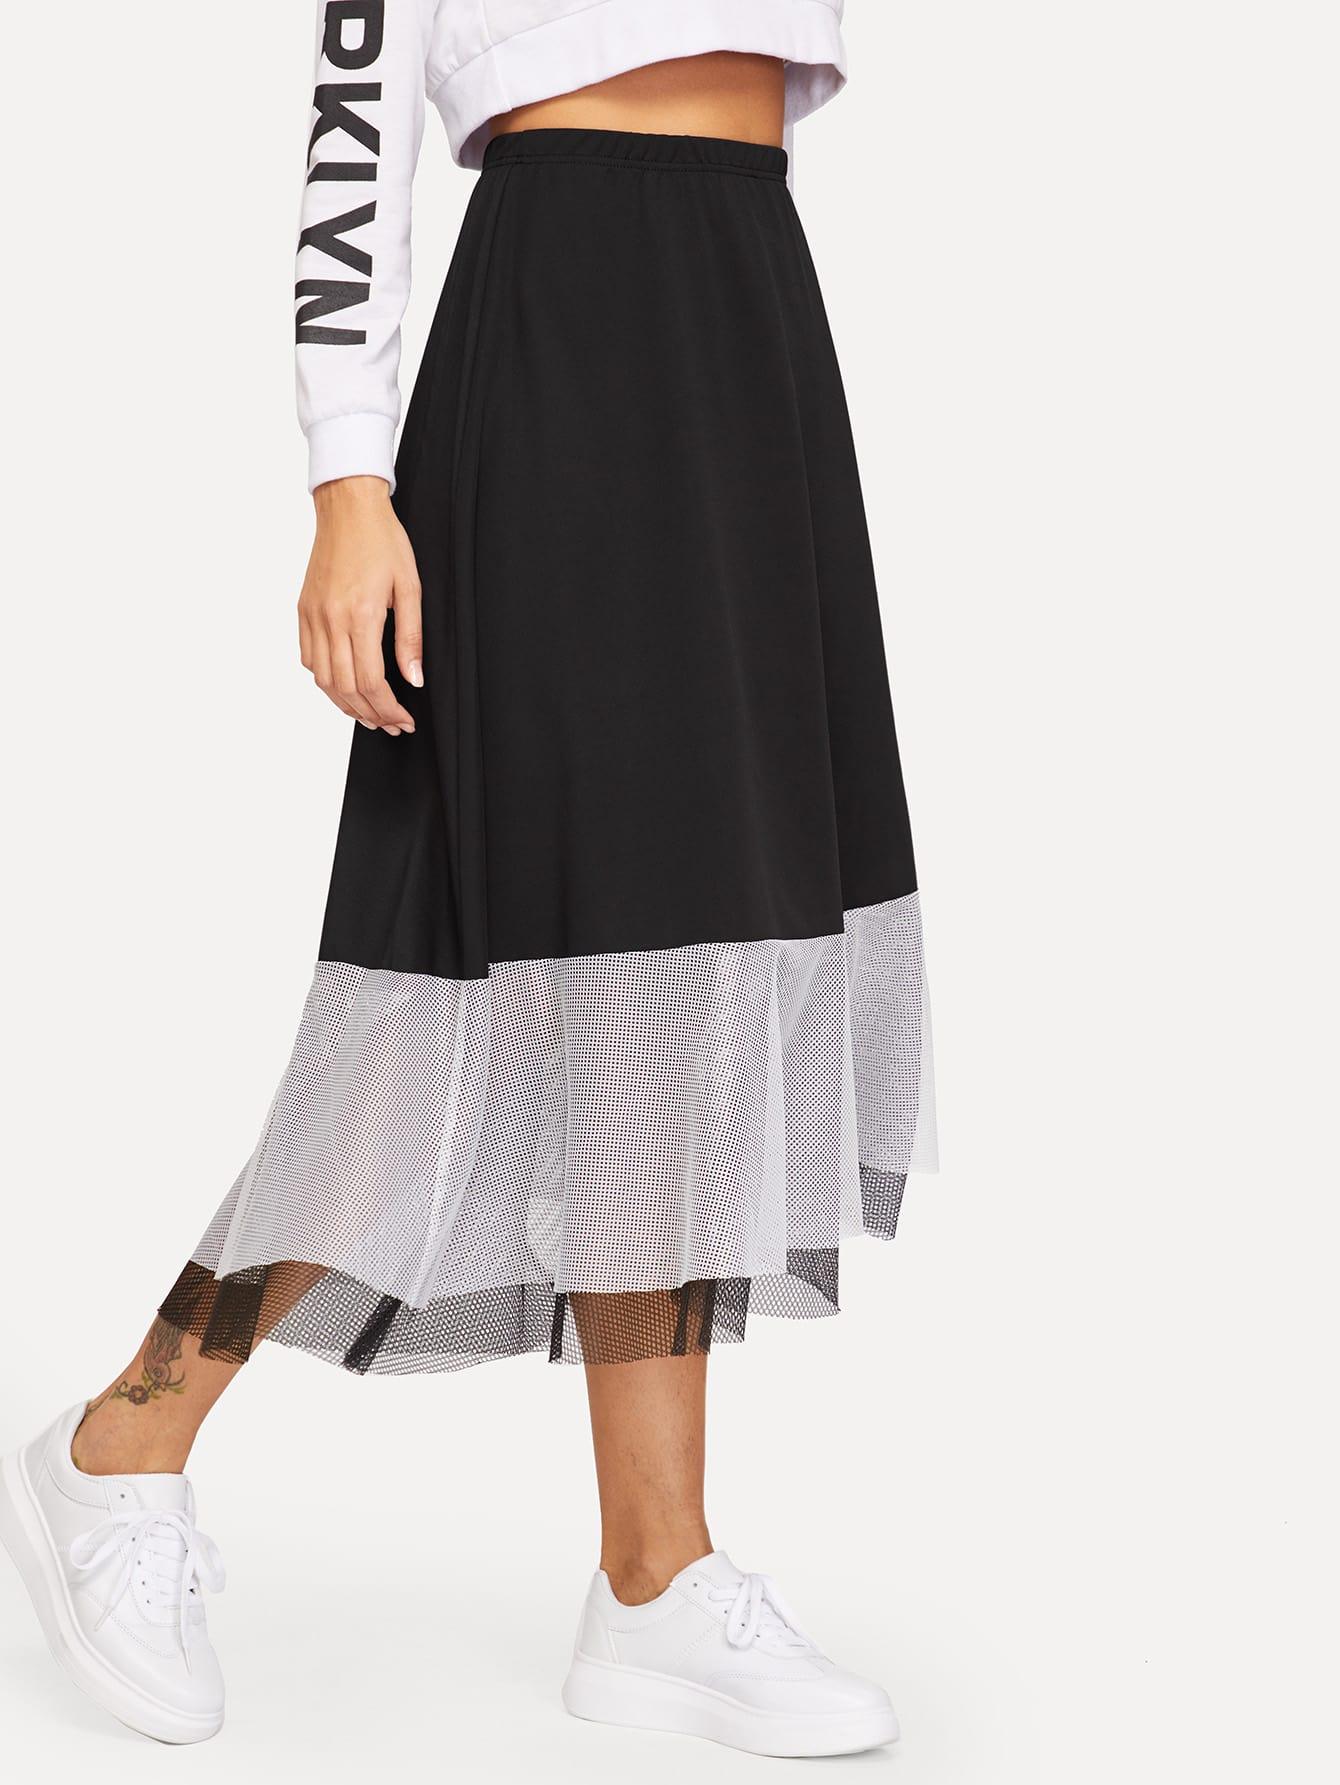 Купить Контрастная юбка с эластичной талией, Giulia, SheIn